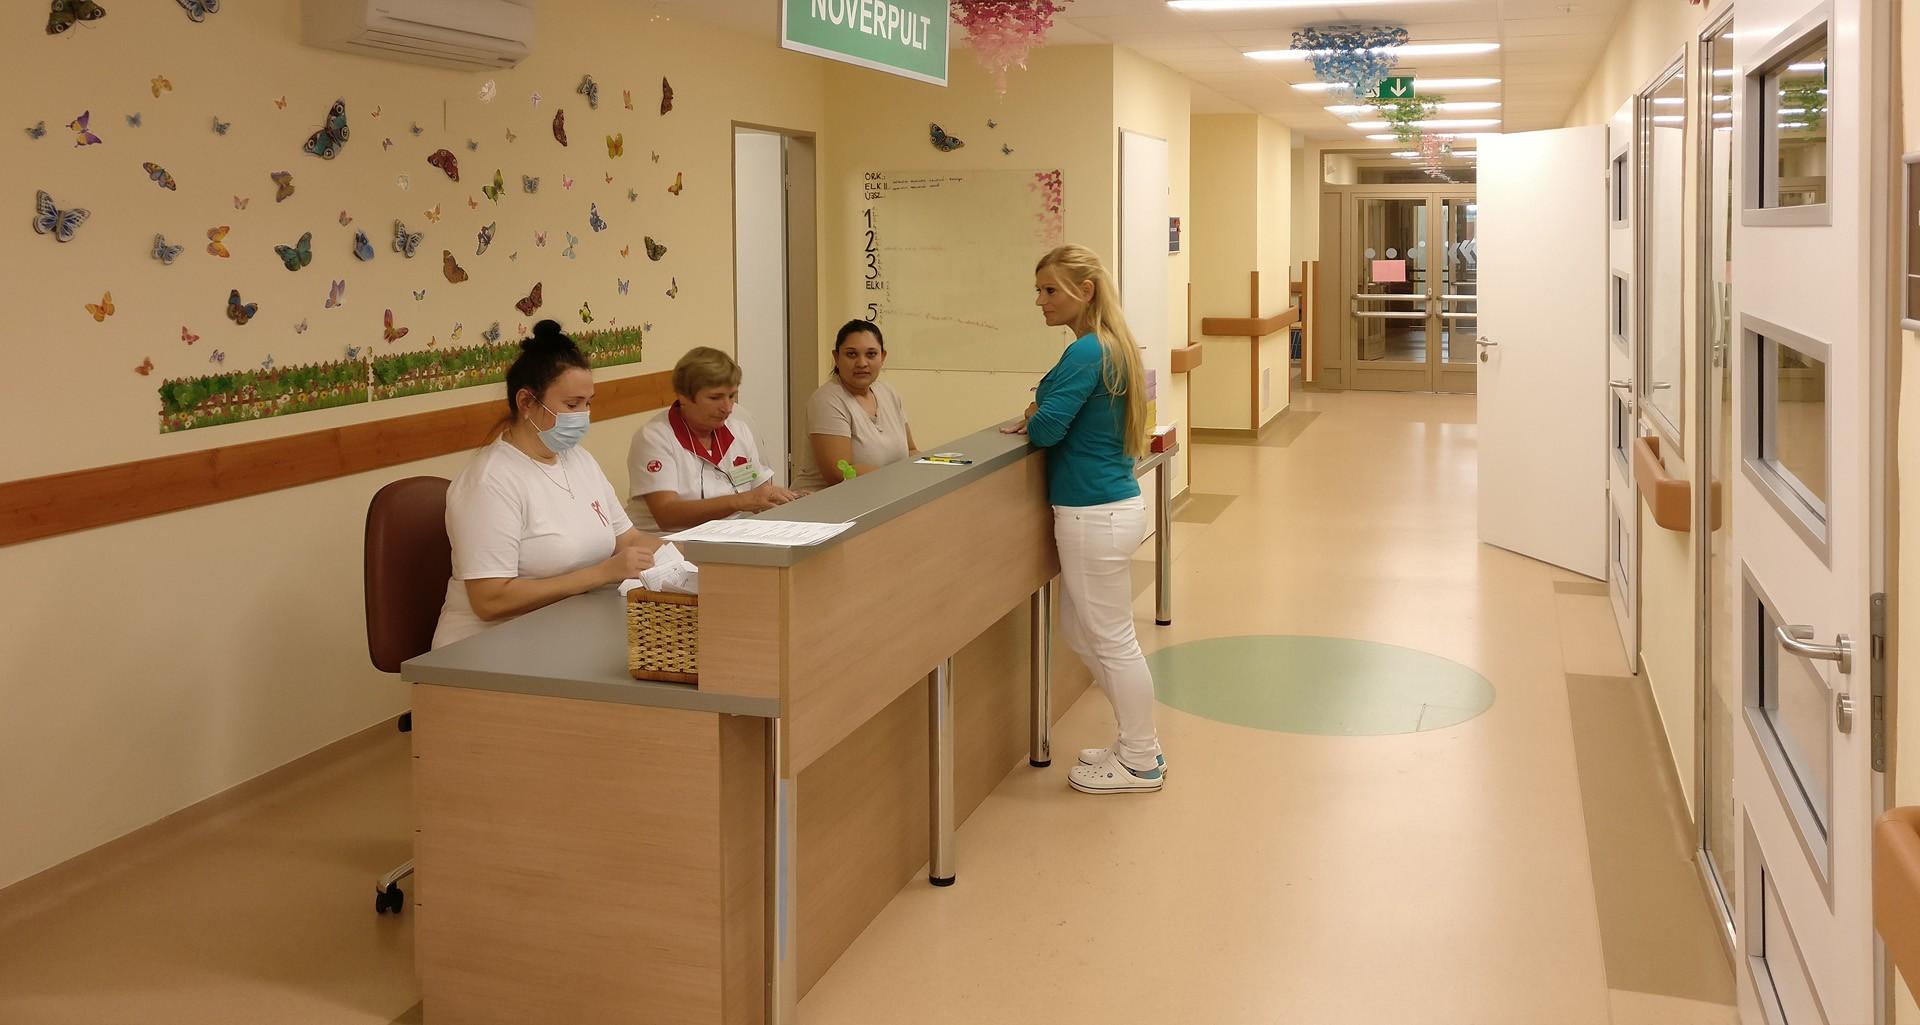 Az új, betegőrző monitorral fájdalommentesen vizsgálhatják a gyerekeket a Mohácsi Kórházban